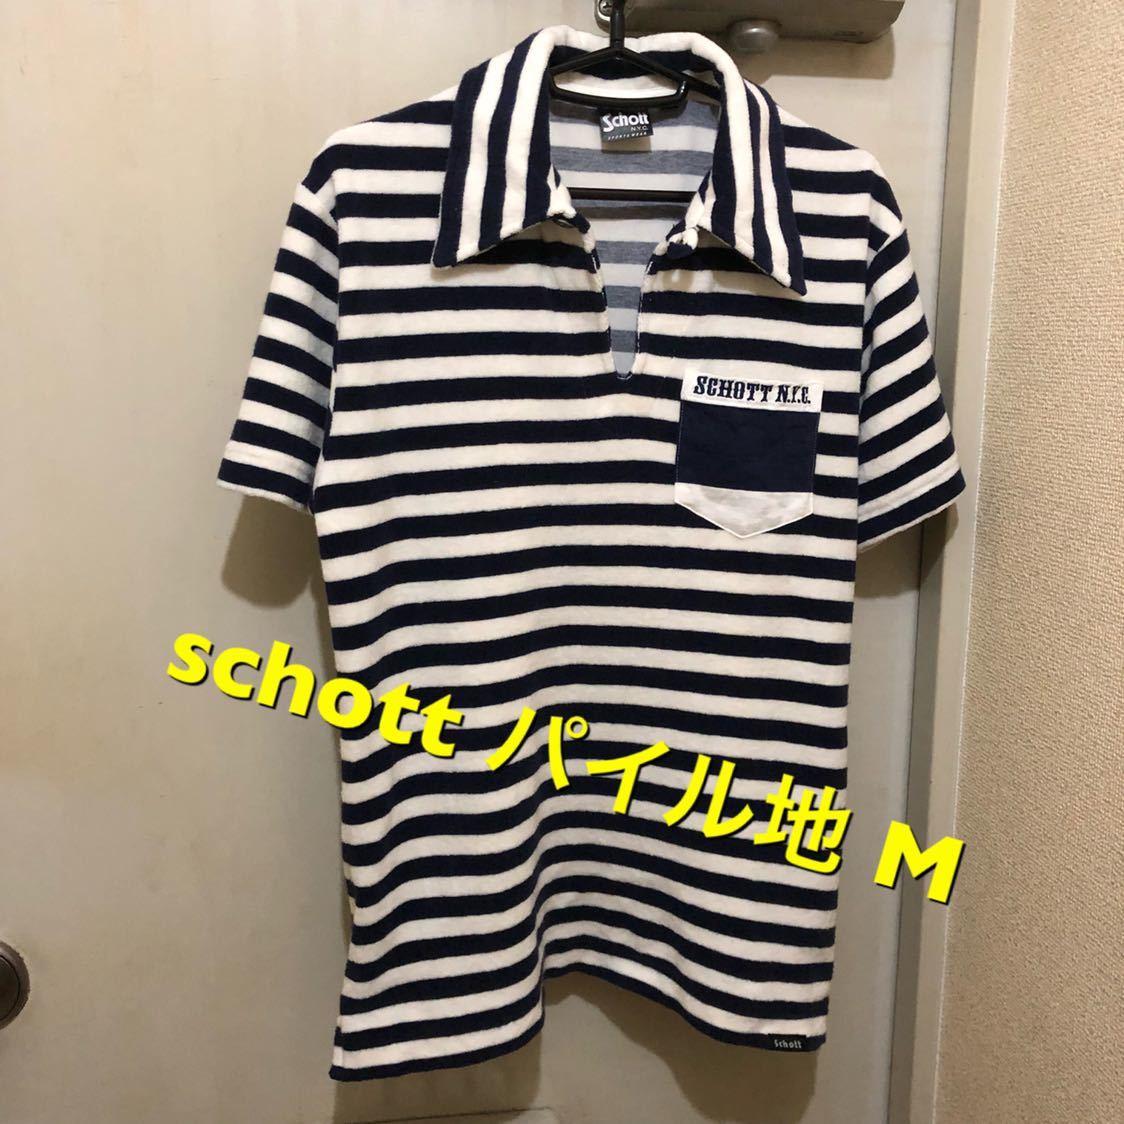 送料無料!Mサイズ!Schott ショット 半袖 ボーダーパイル地シャツ 紺×白 コンチョボタン ポロシャツ